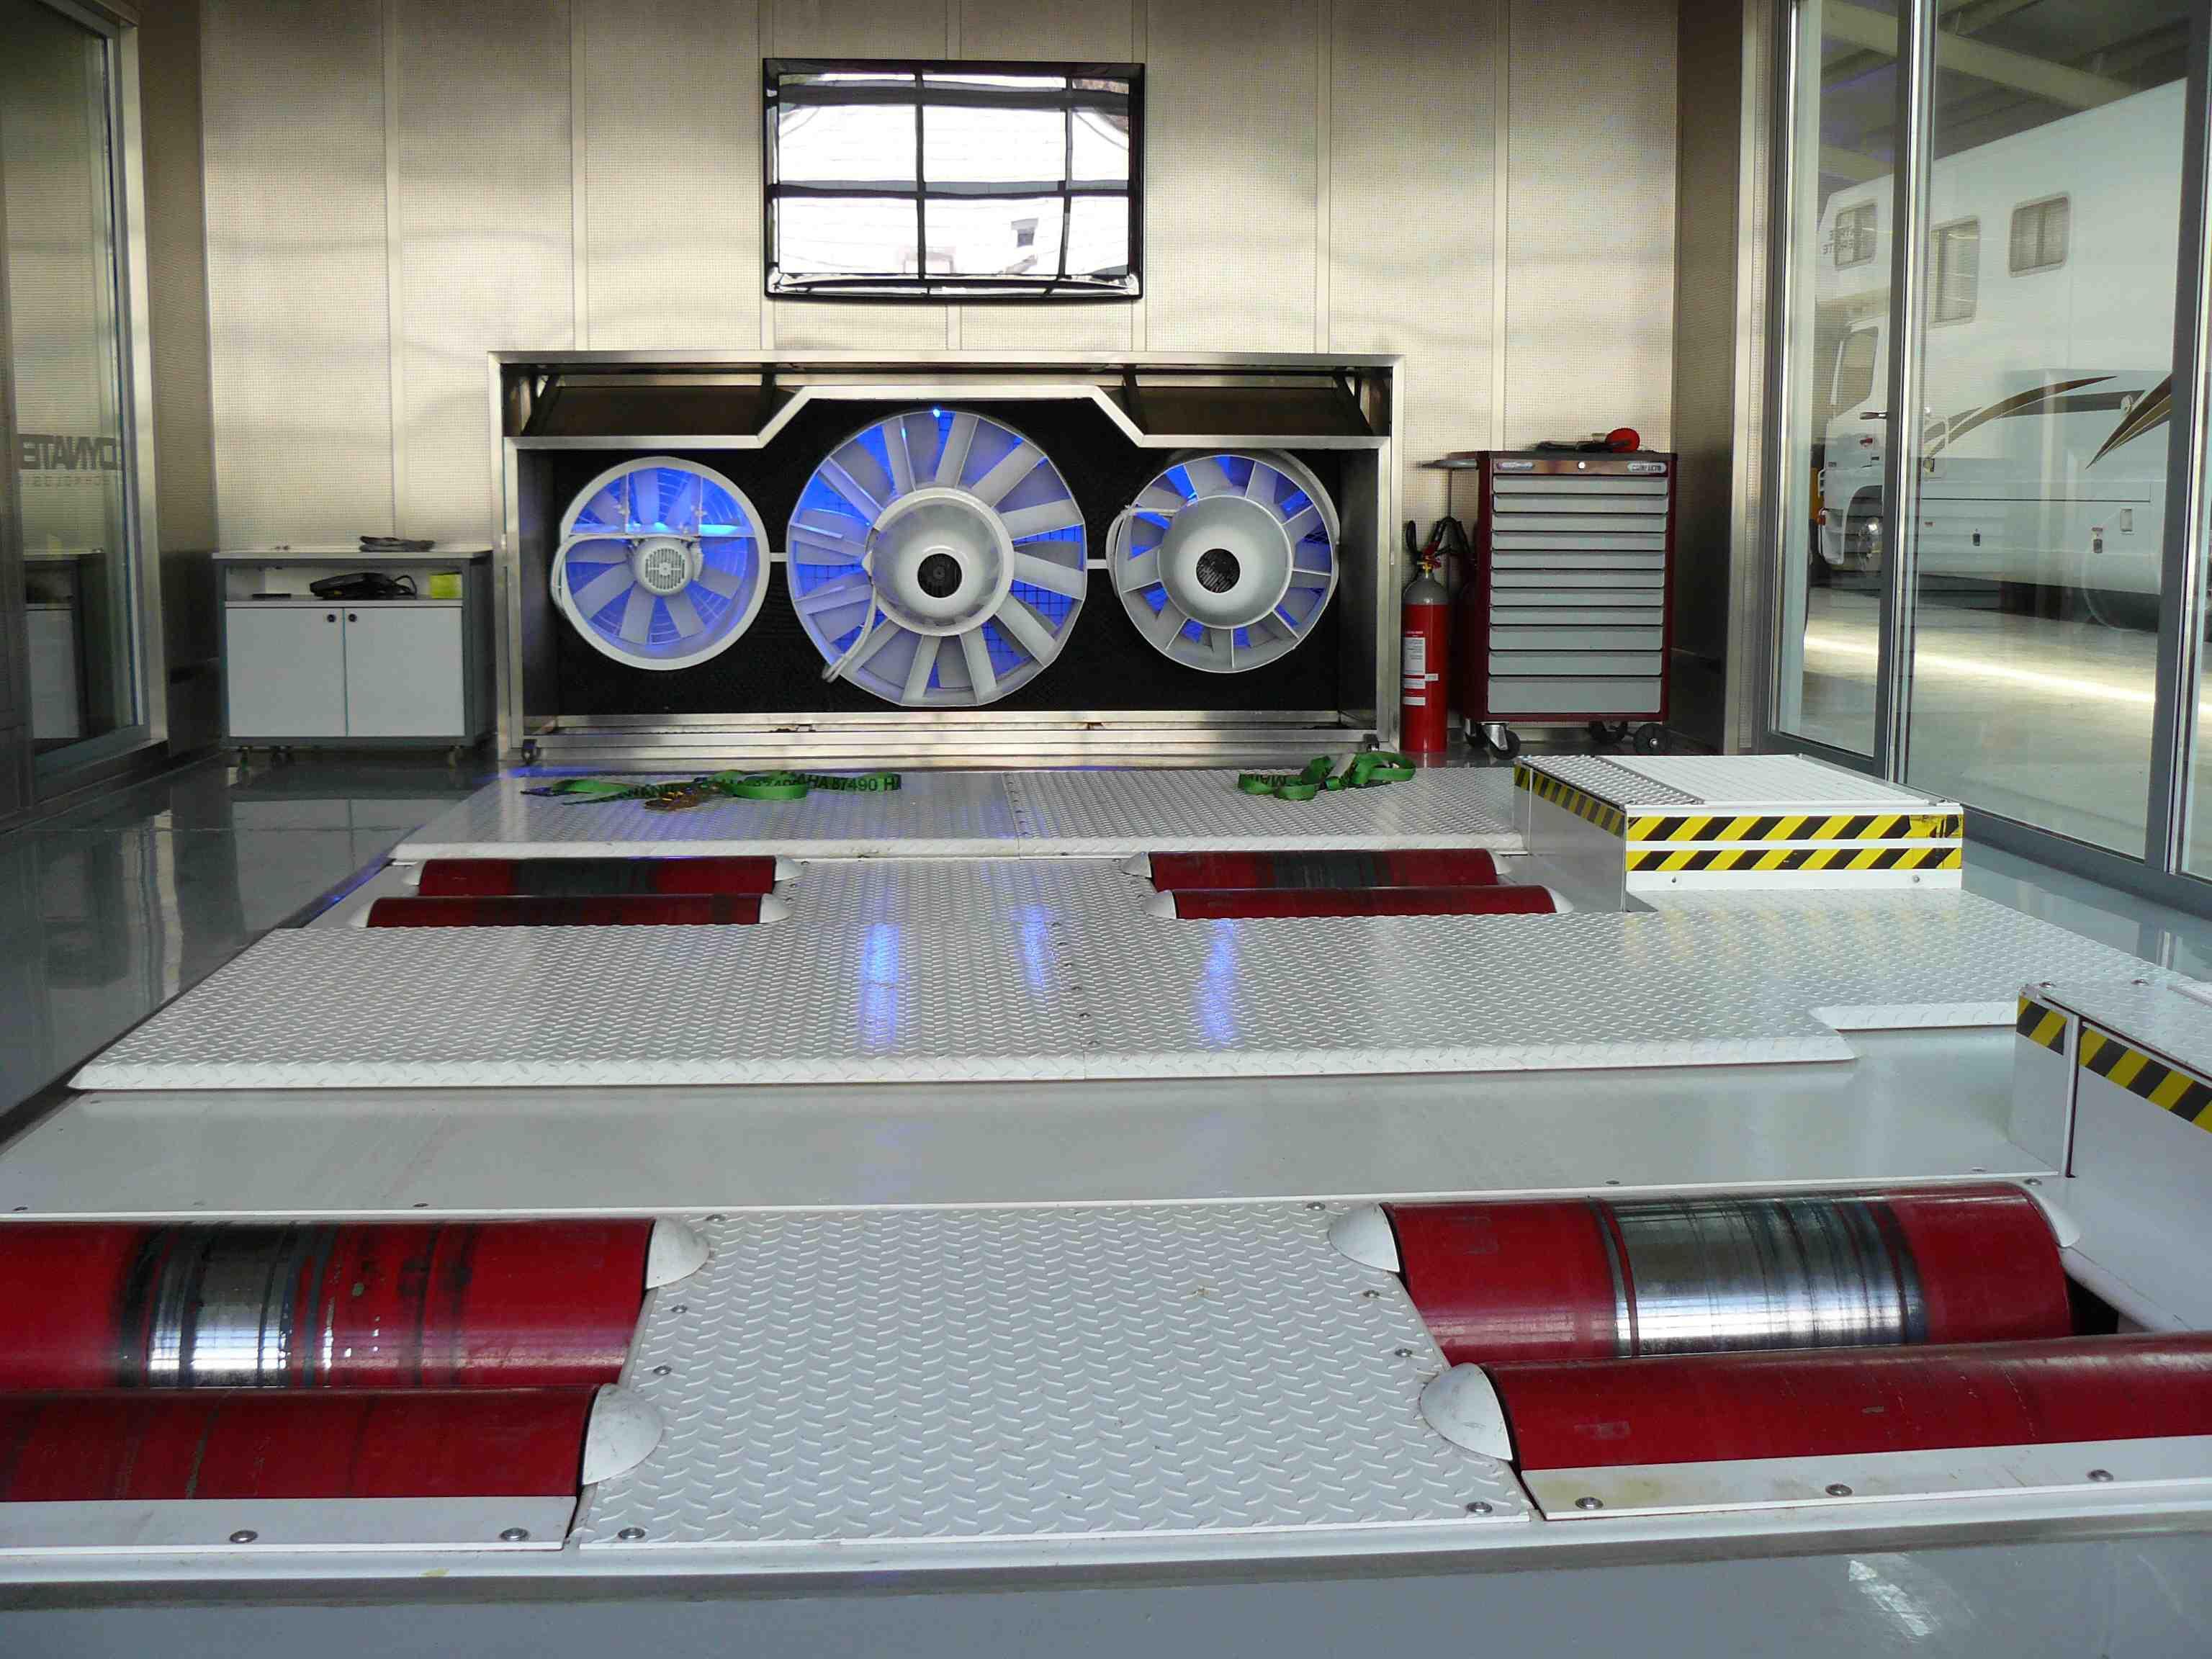 Galerie photos des bancs de puissance kitpower blog kit power - Banc de puissance voiture ...